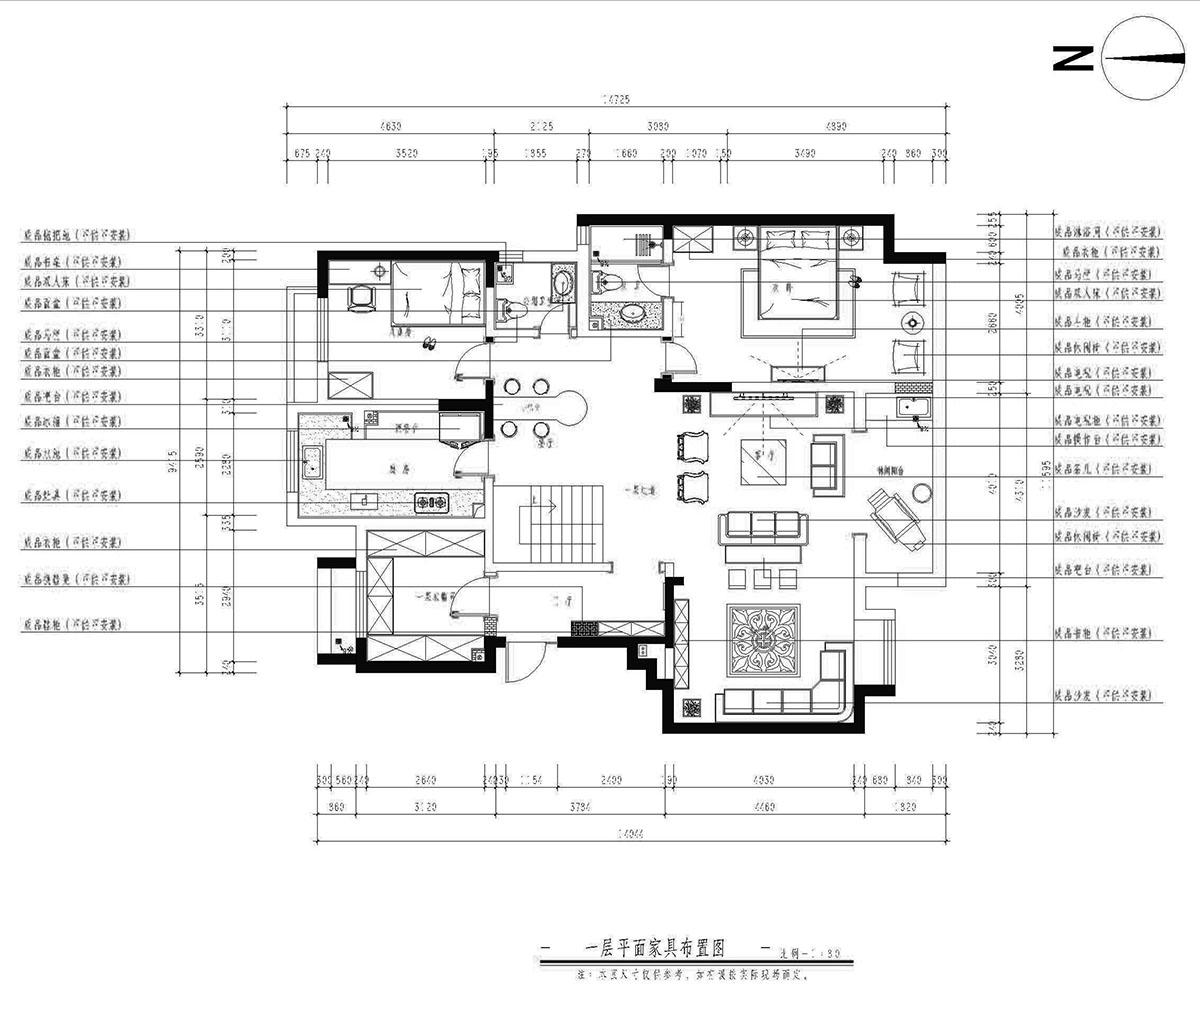 龙湖香醍·西岸 简约风格装修效果图 五室二厅三卫 170平米装修设计理念